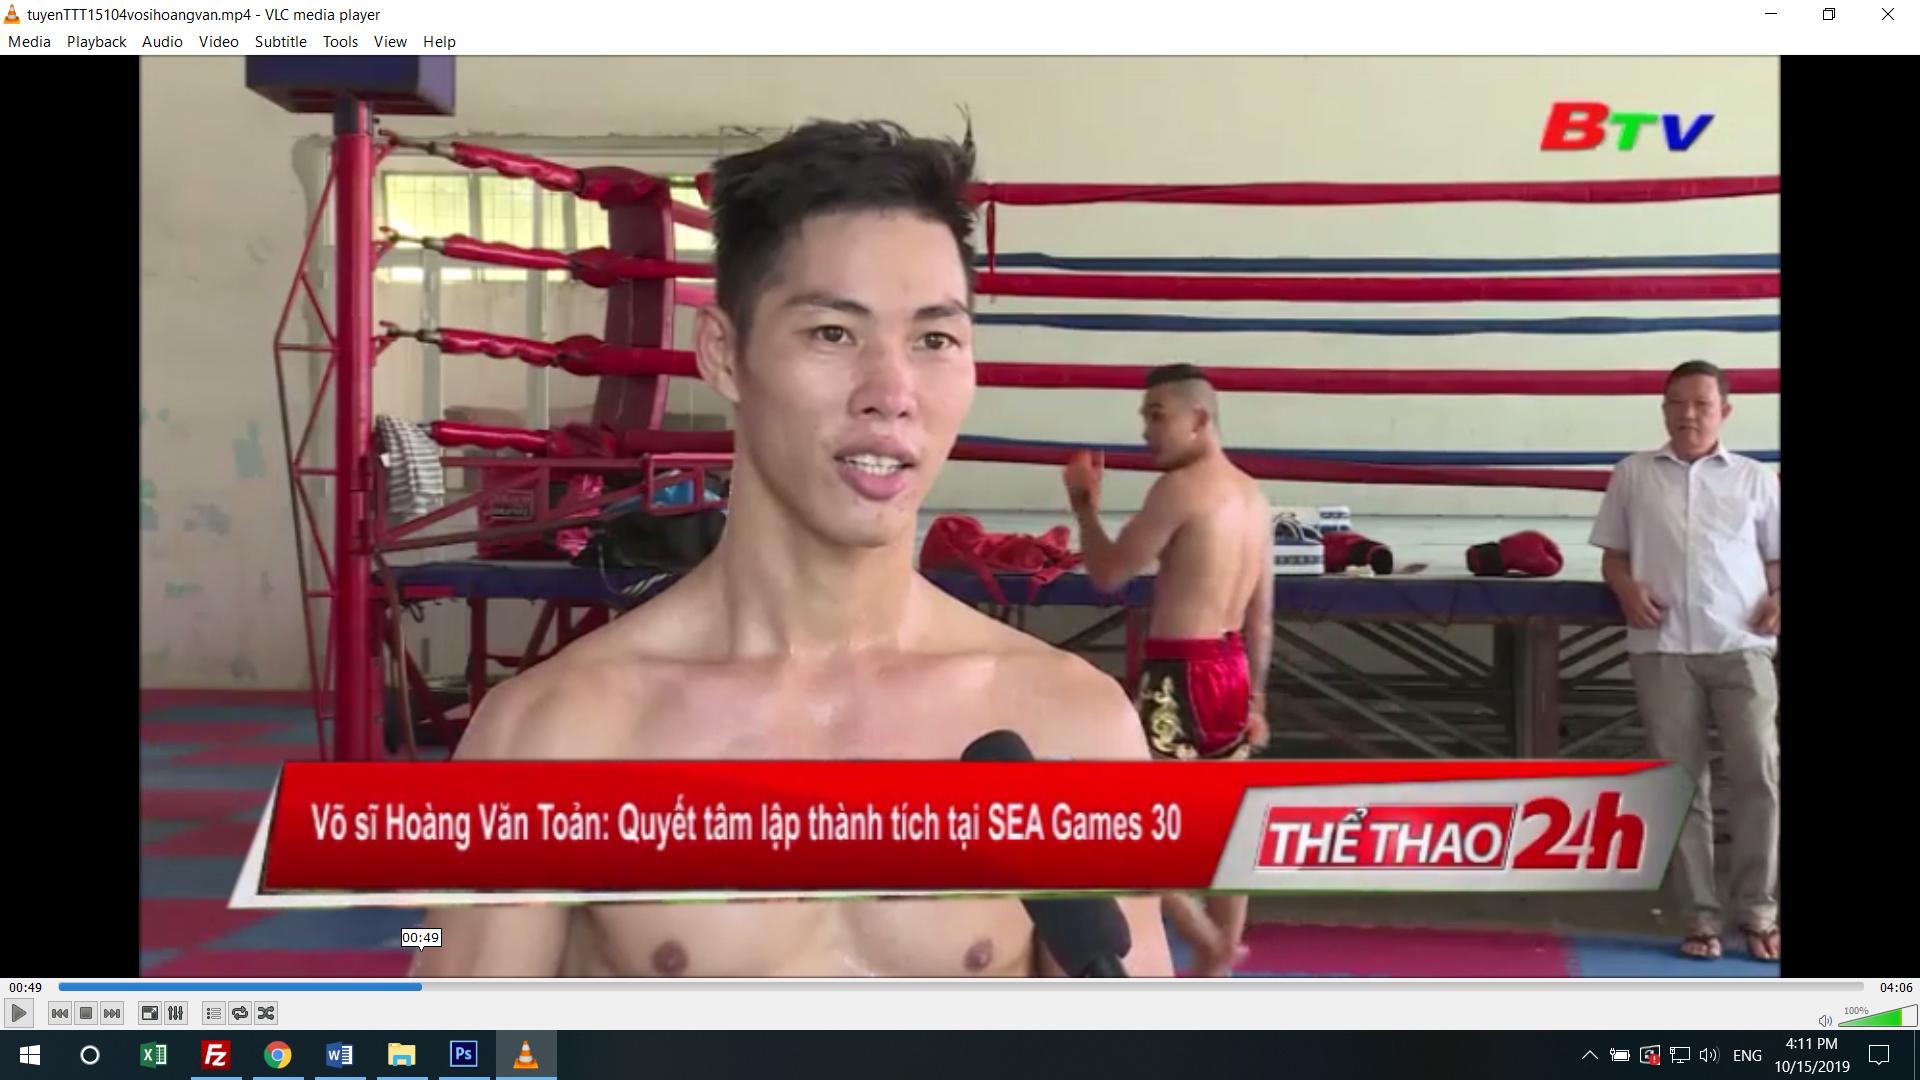 Võ sĩ Hoàng Văn Toản quyết tâm lập thành tích tại SEA Games 30